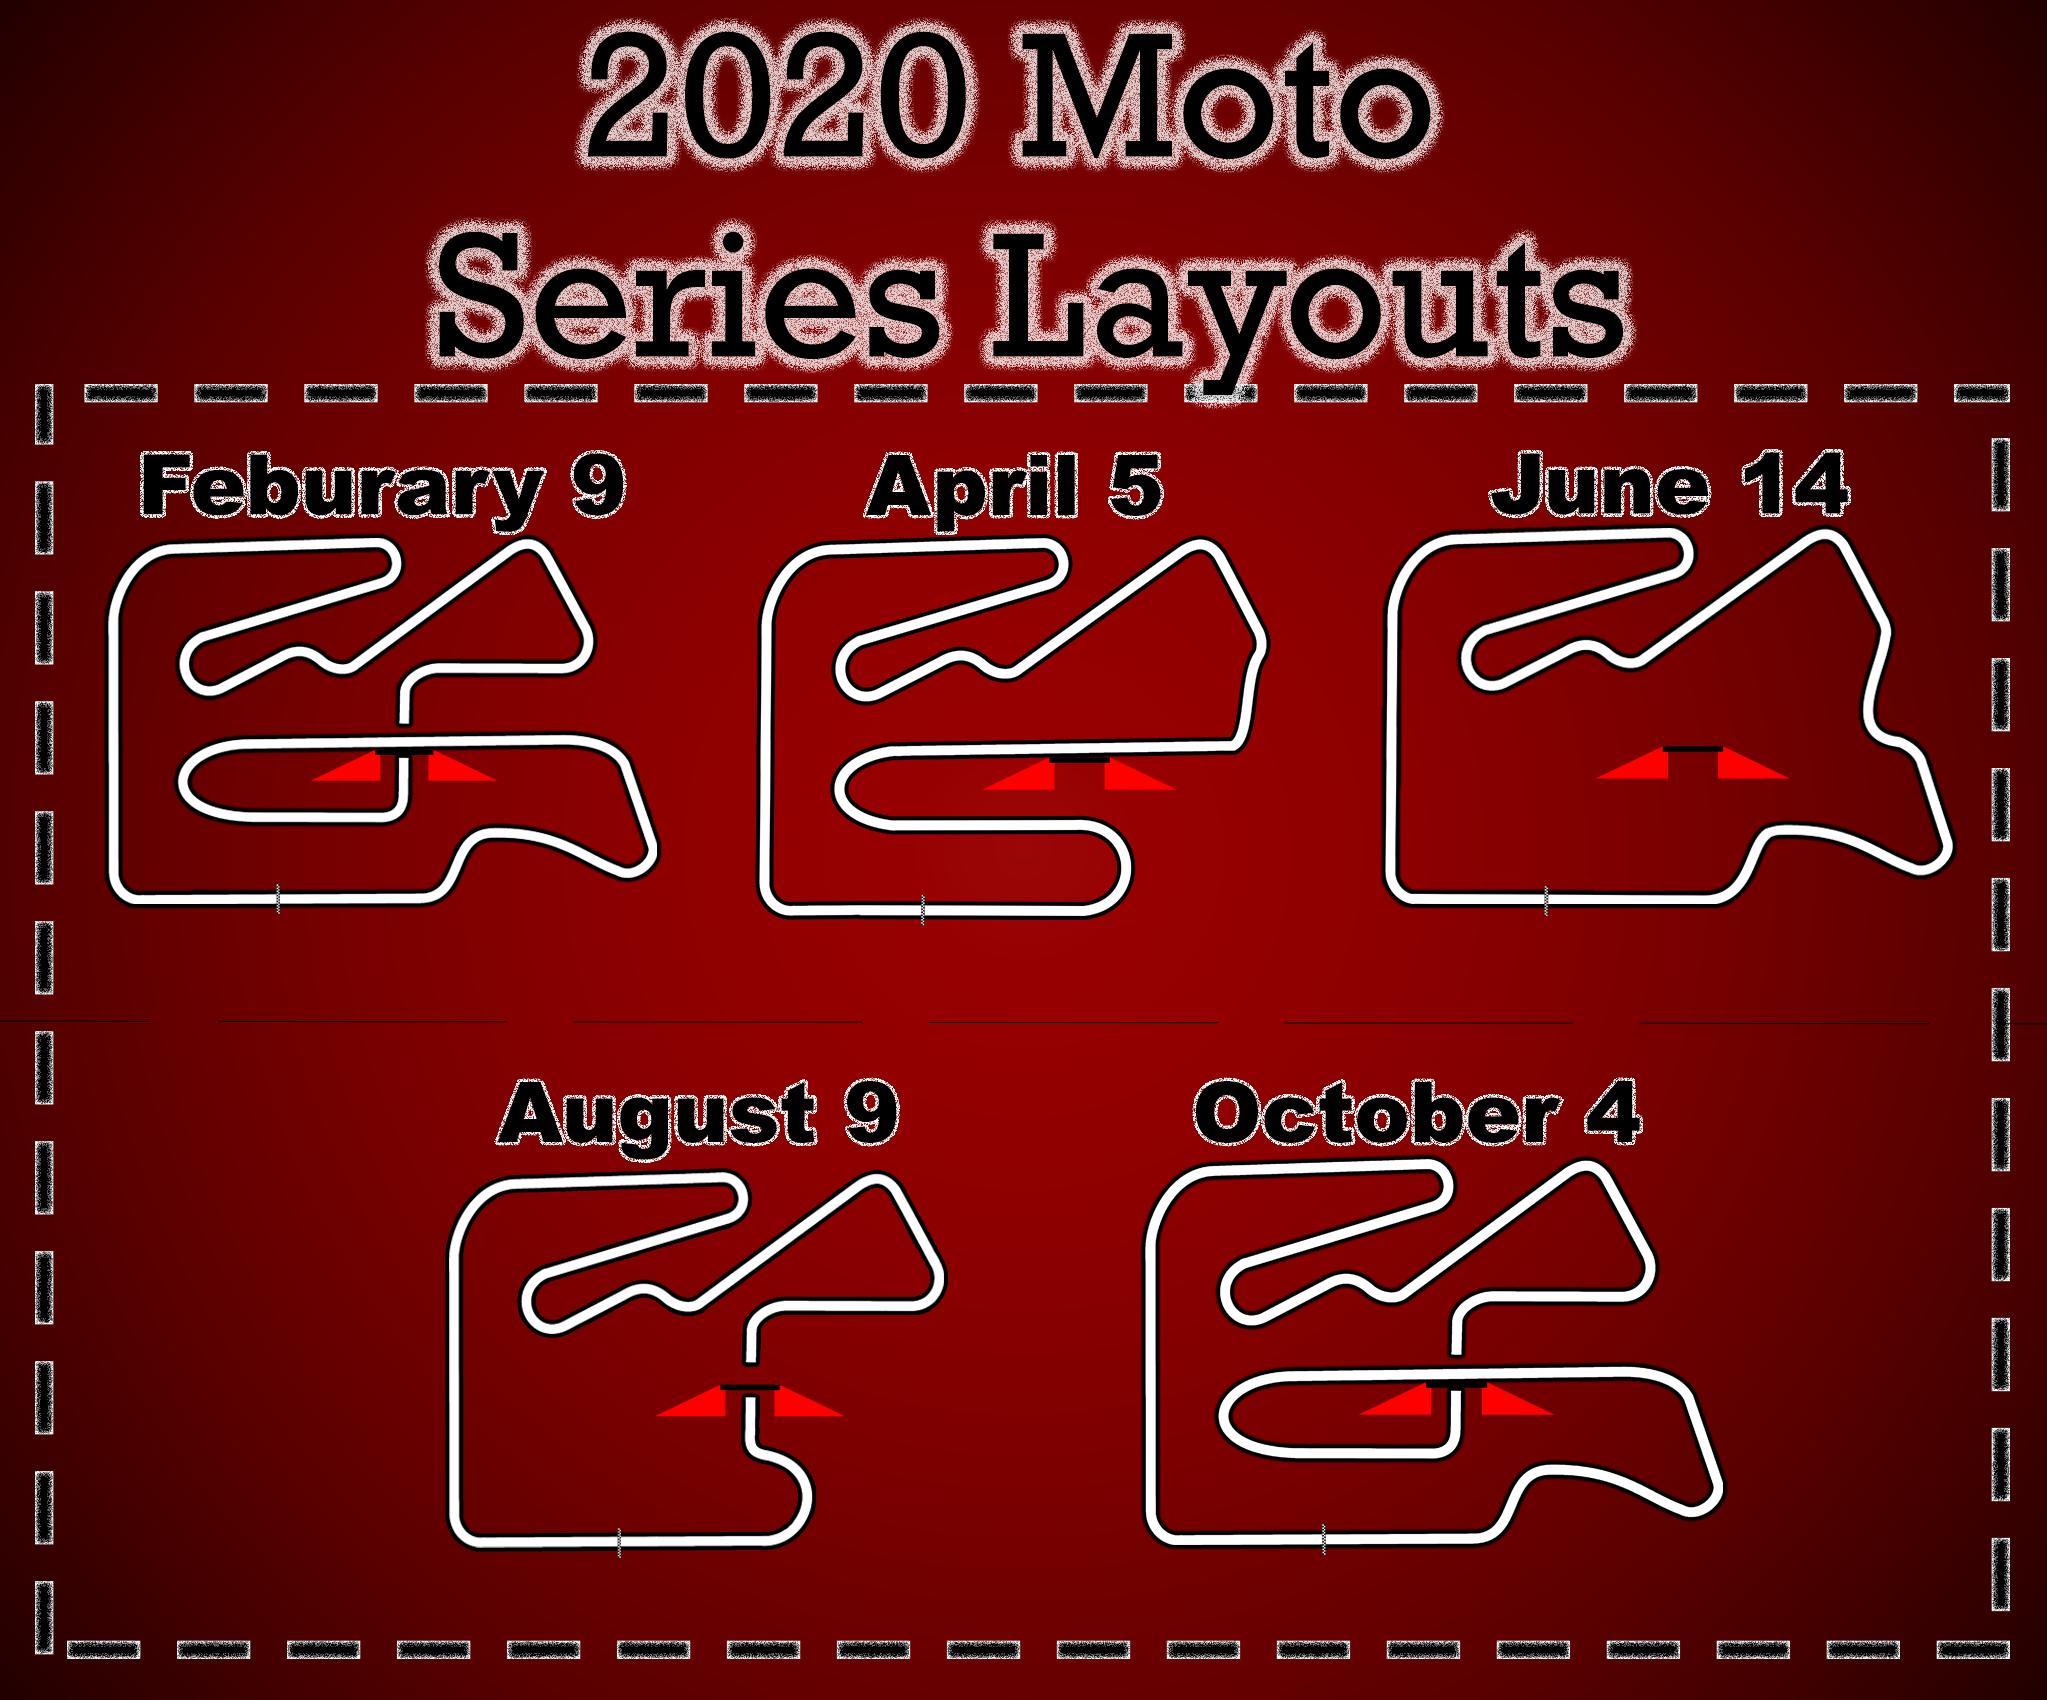 Moto layouts